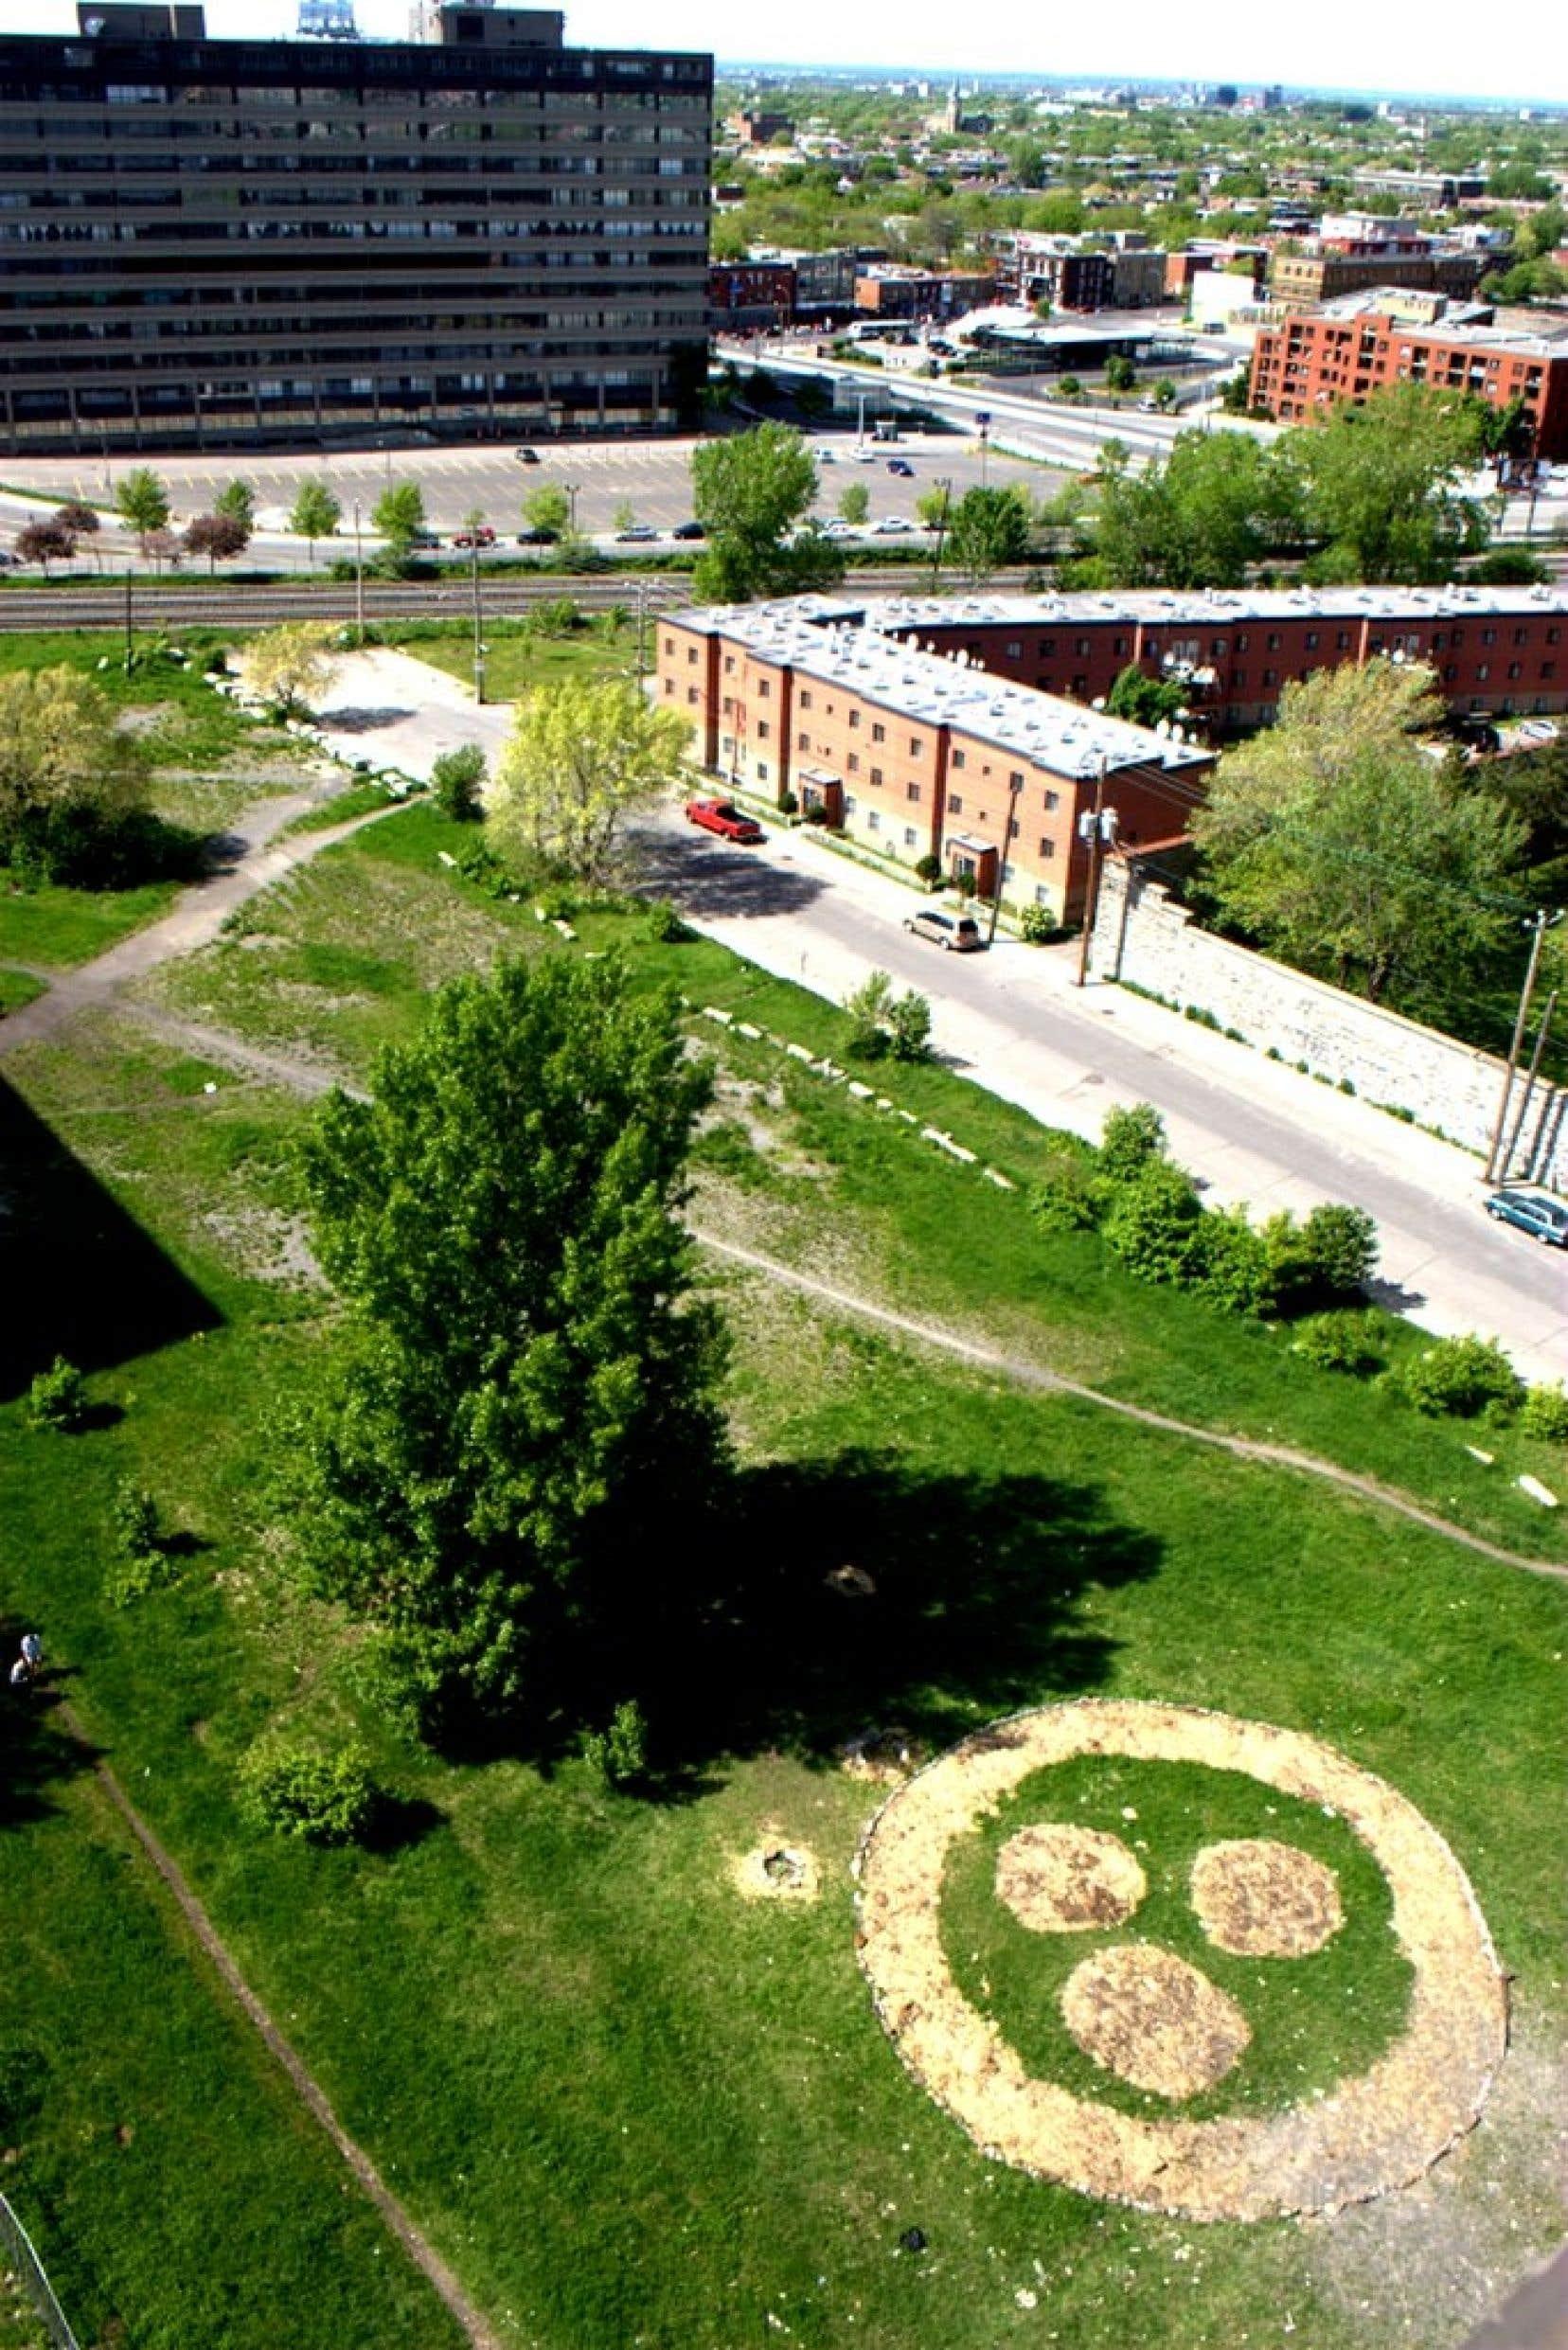 Le fameux symbole Roerich,utilisé pendant la Seconde Guerre mondiale sur les endroits publics pour les soustraire aux bombardements aériens, a été tracé sur le terrain devenu parc sauvage.